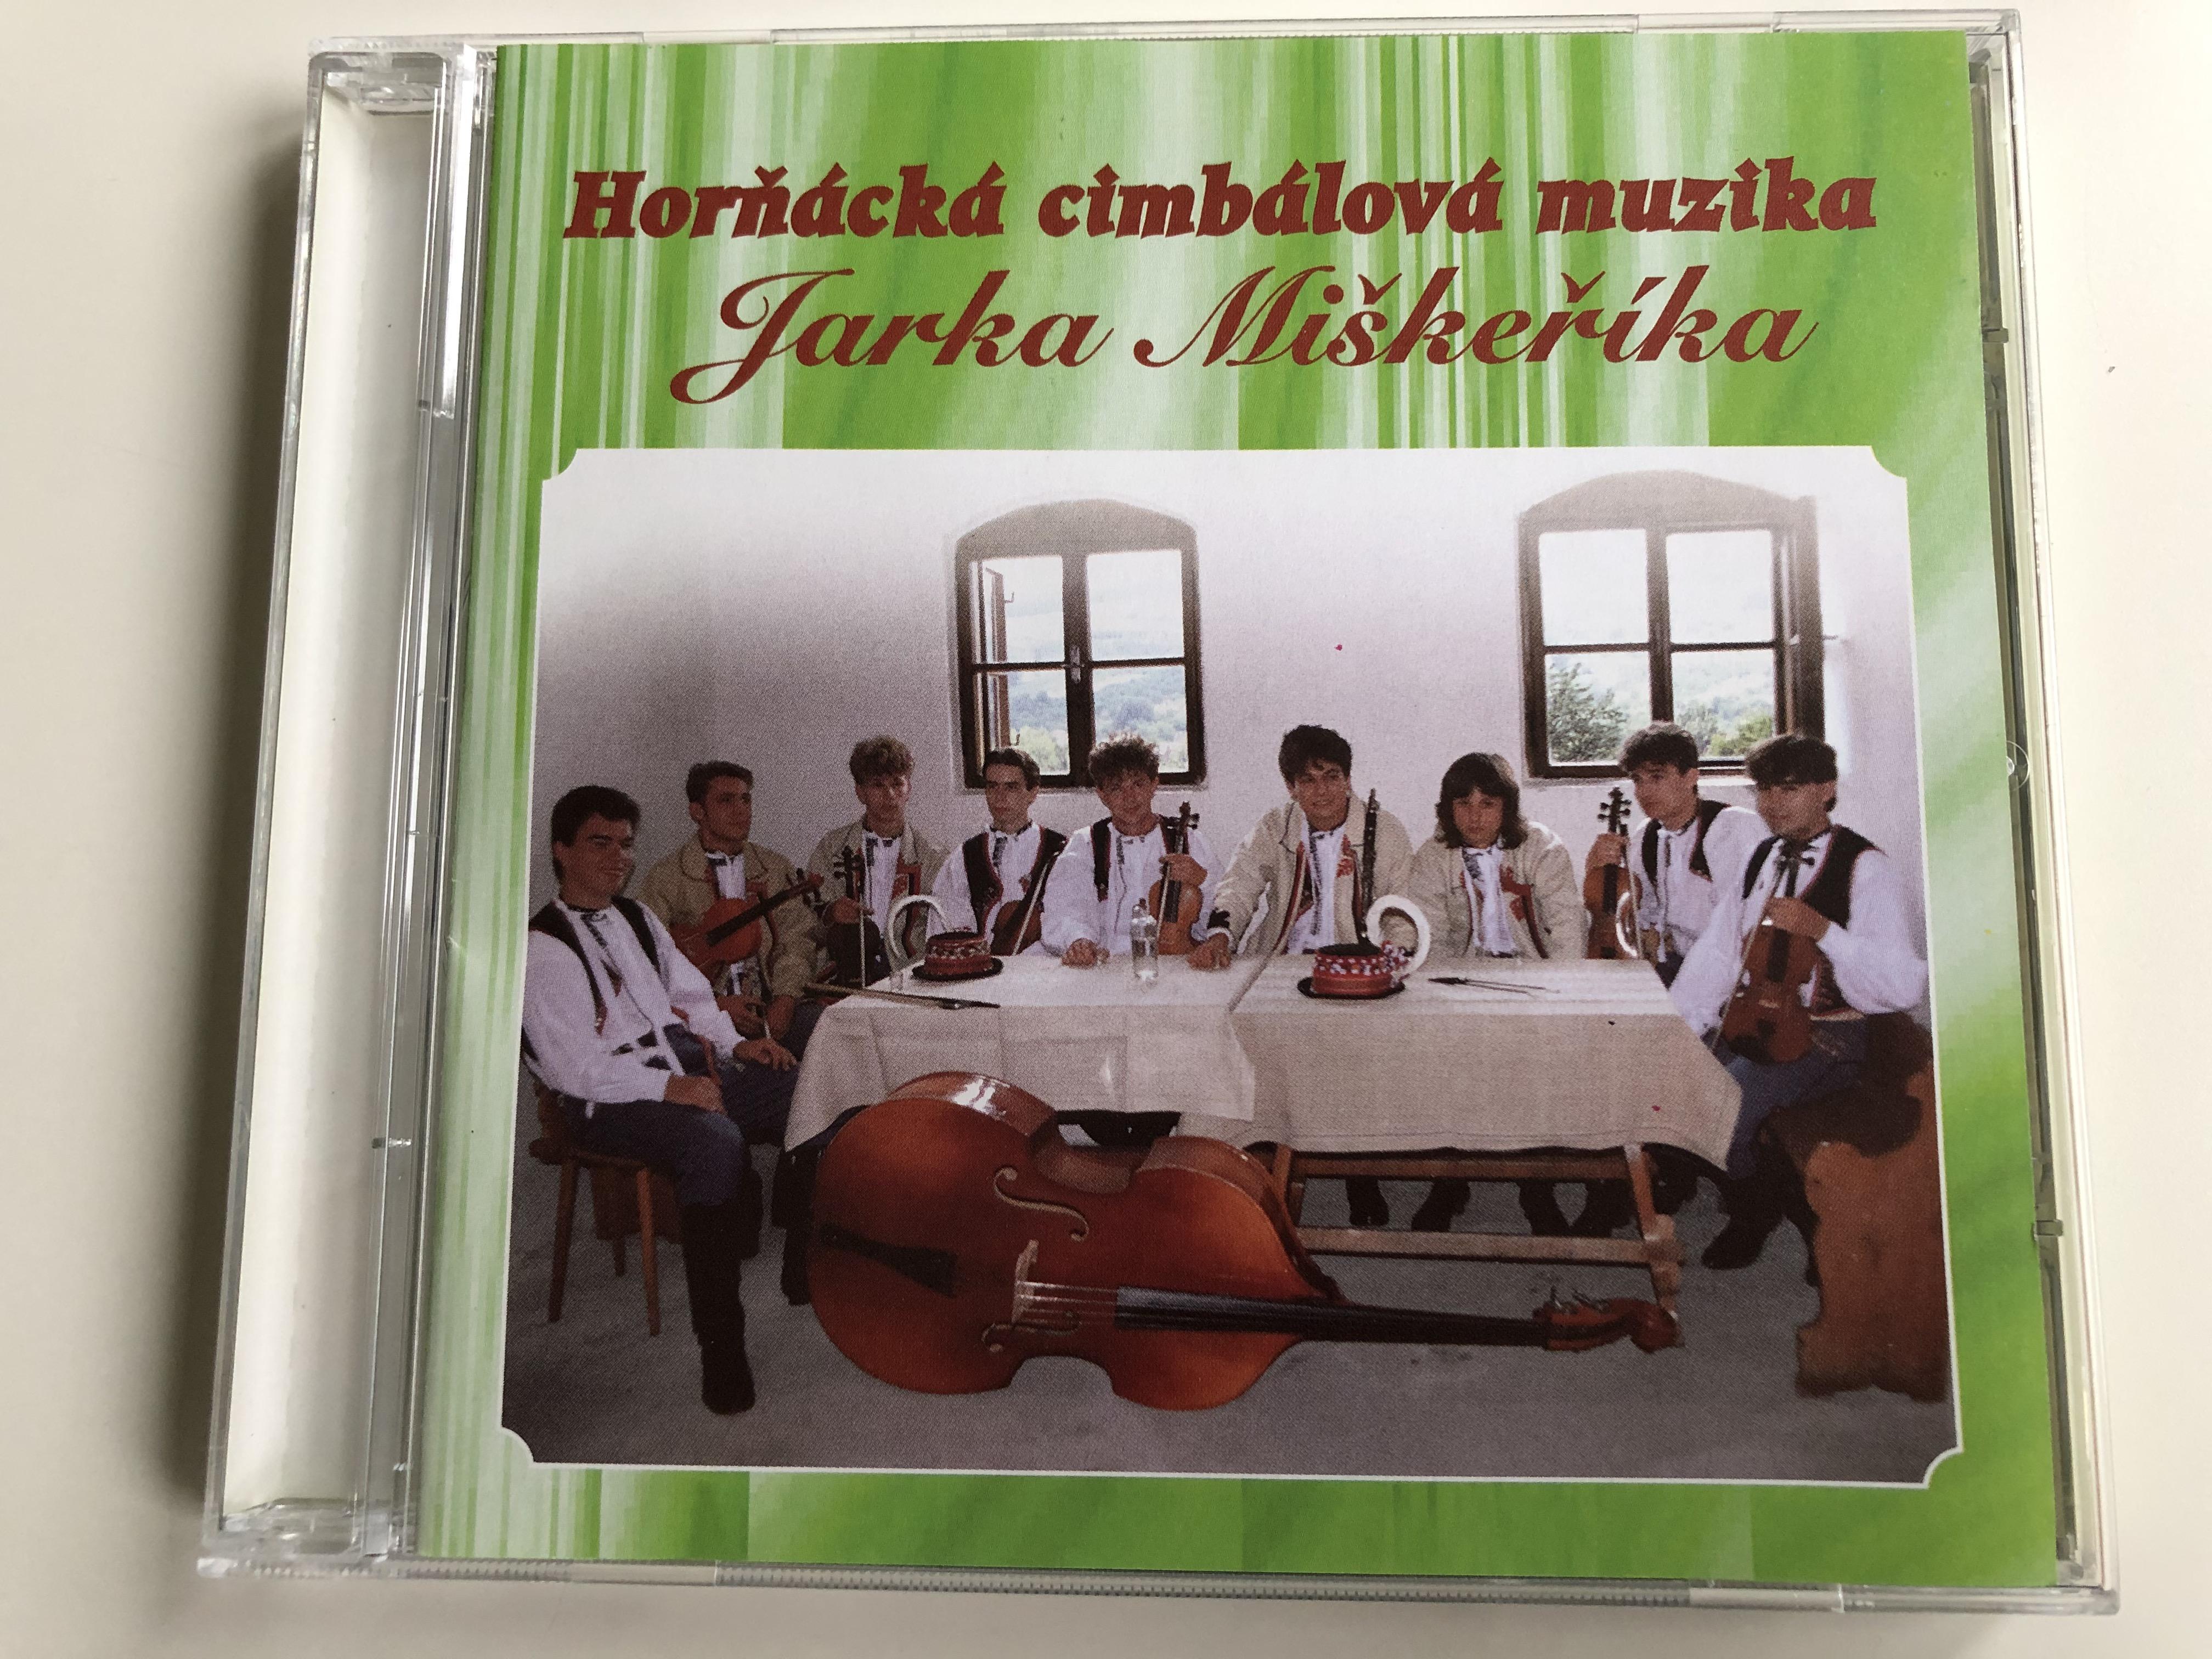 hornacka-cimbalova-muzika-jarka-mi-kerika-kordarna-audio-cd-1-.jpg